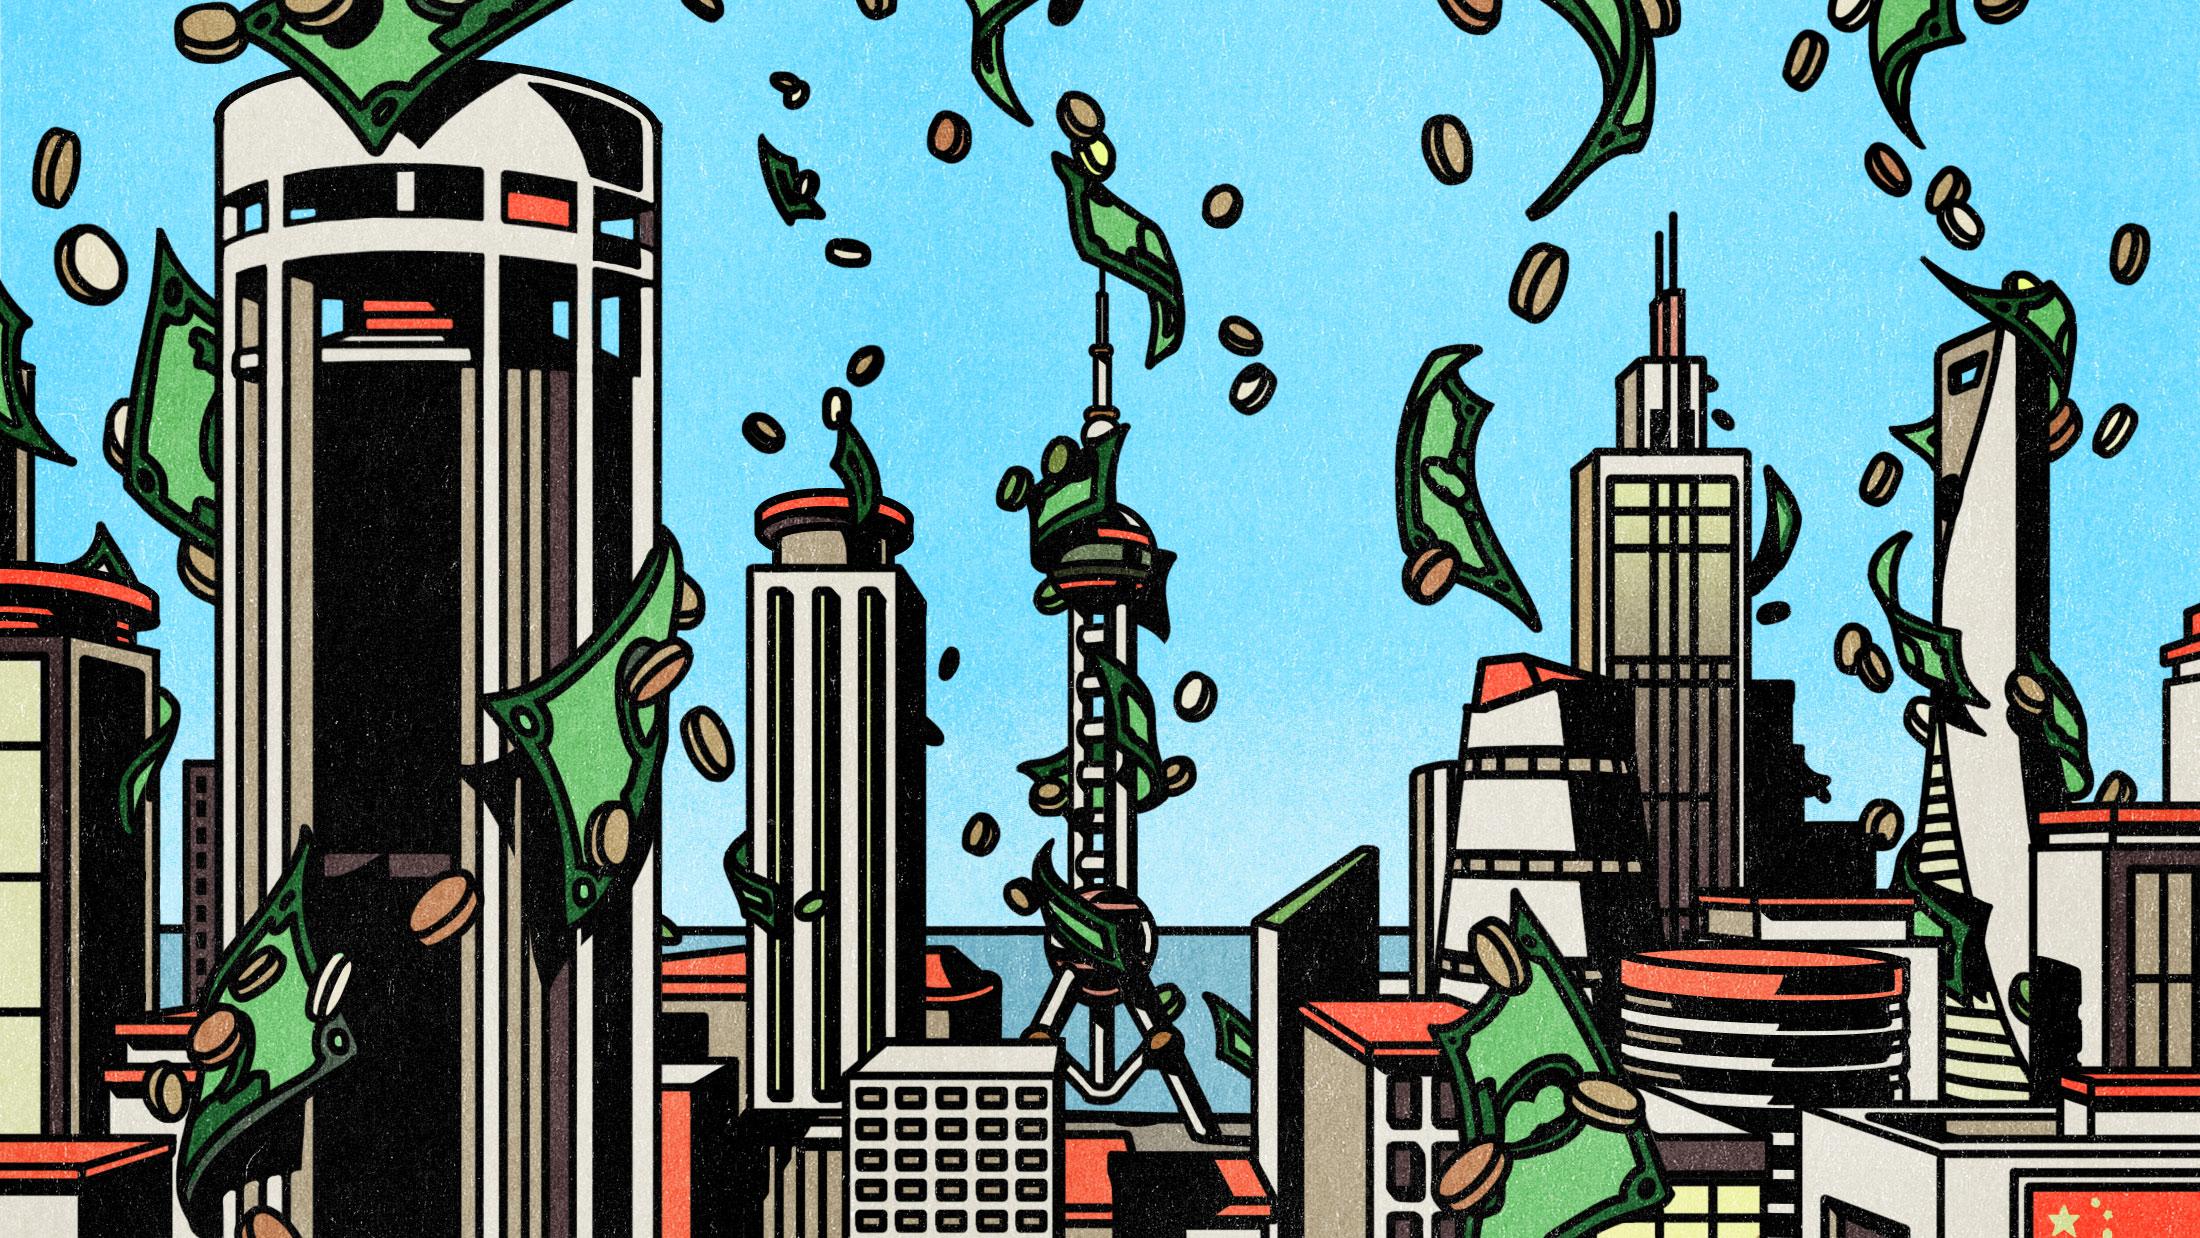 berkaitan dengan Taktik yang Digunakan Orang untuk Mendapatkan Uang Mereka Keluar dari Tiongkok